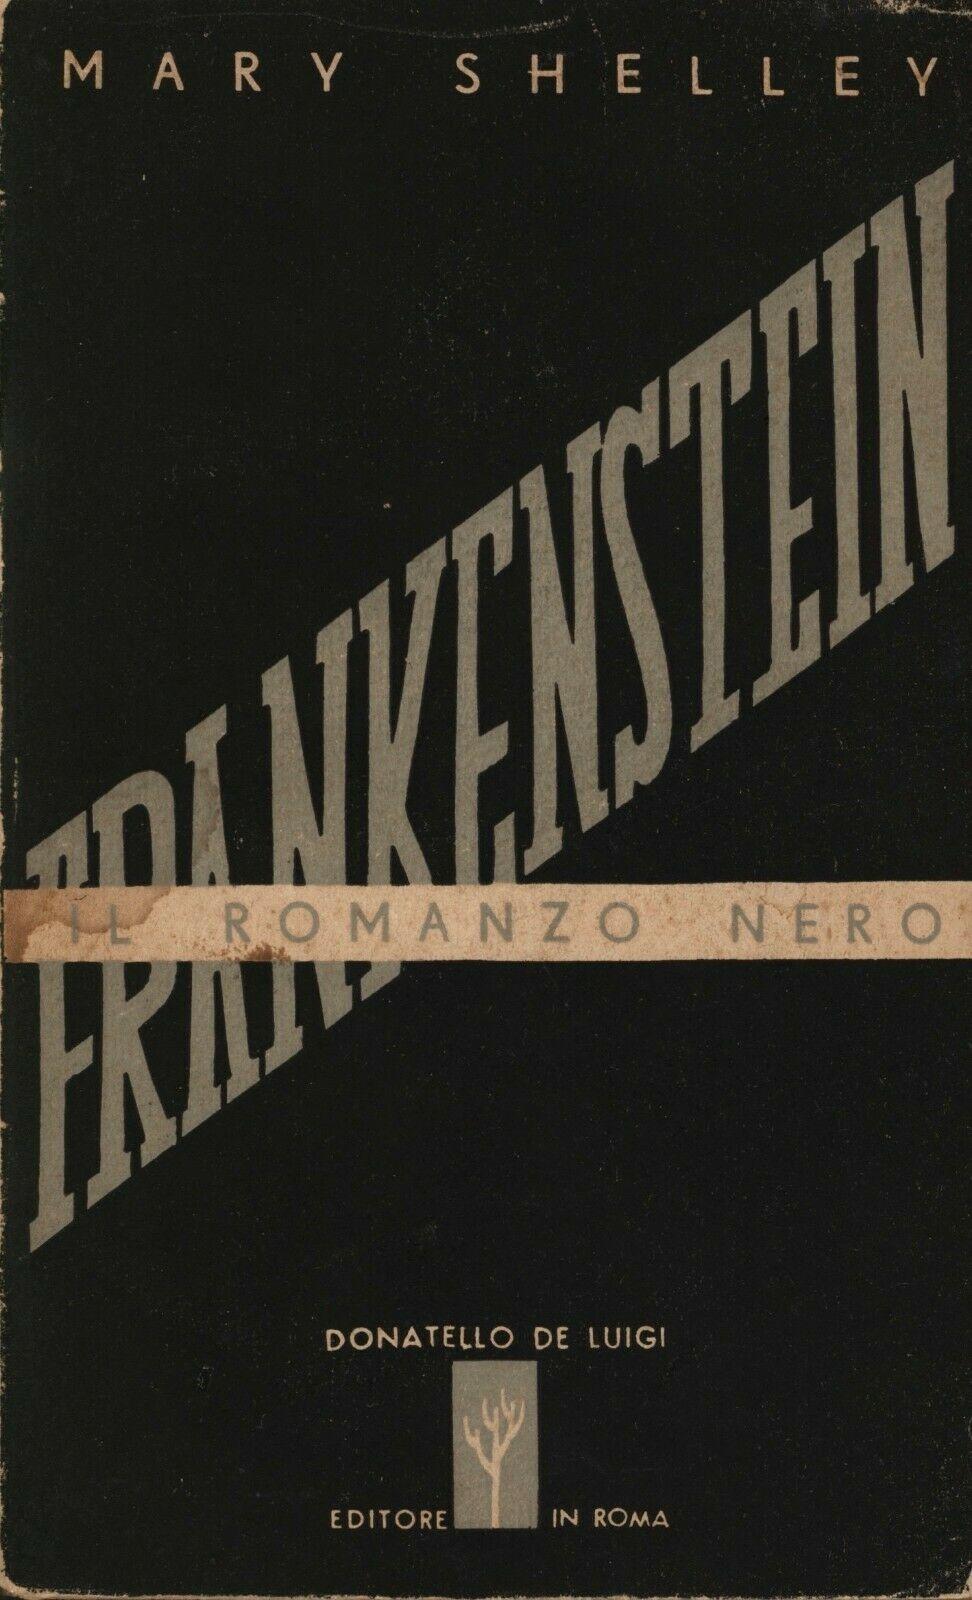 """La prima edizione italiana di """"Frankenstein"""" di Mary Shelley (De Luigi, 1944)"""